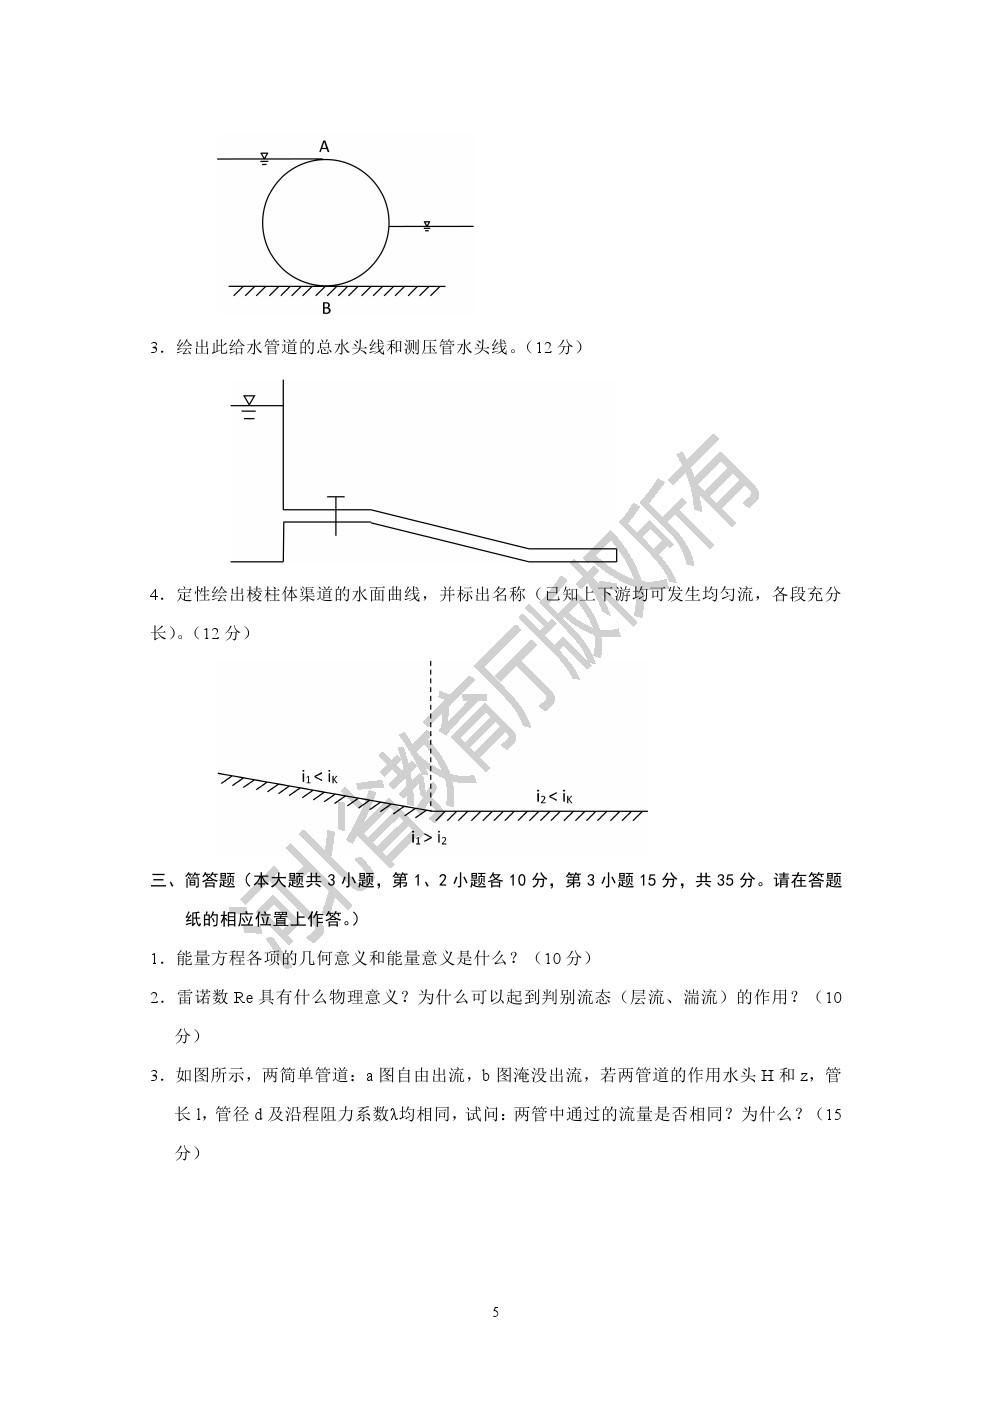 2020年河北省专接本考试理工类-水利水电工程专业考试说明(水力学、水工钢筋混凝土结构学)